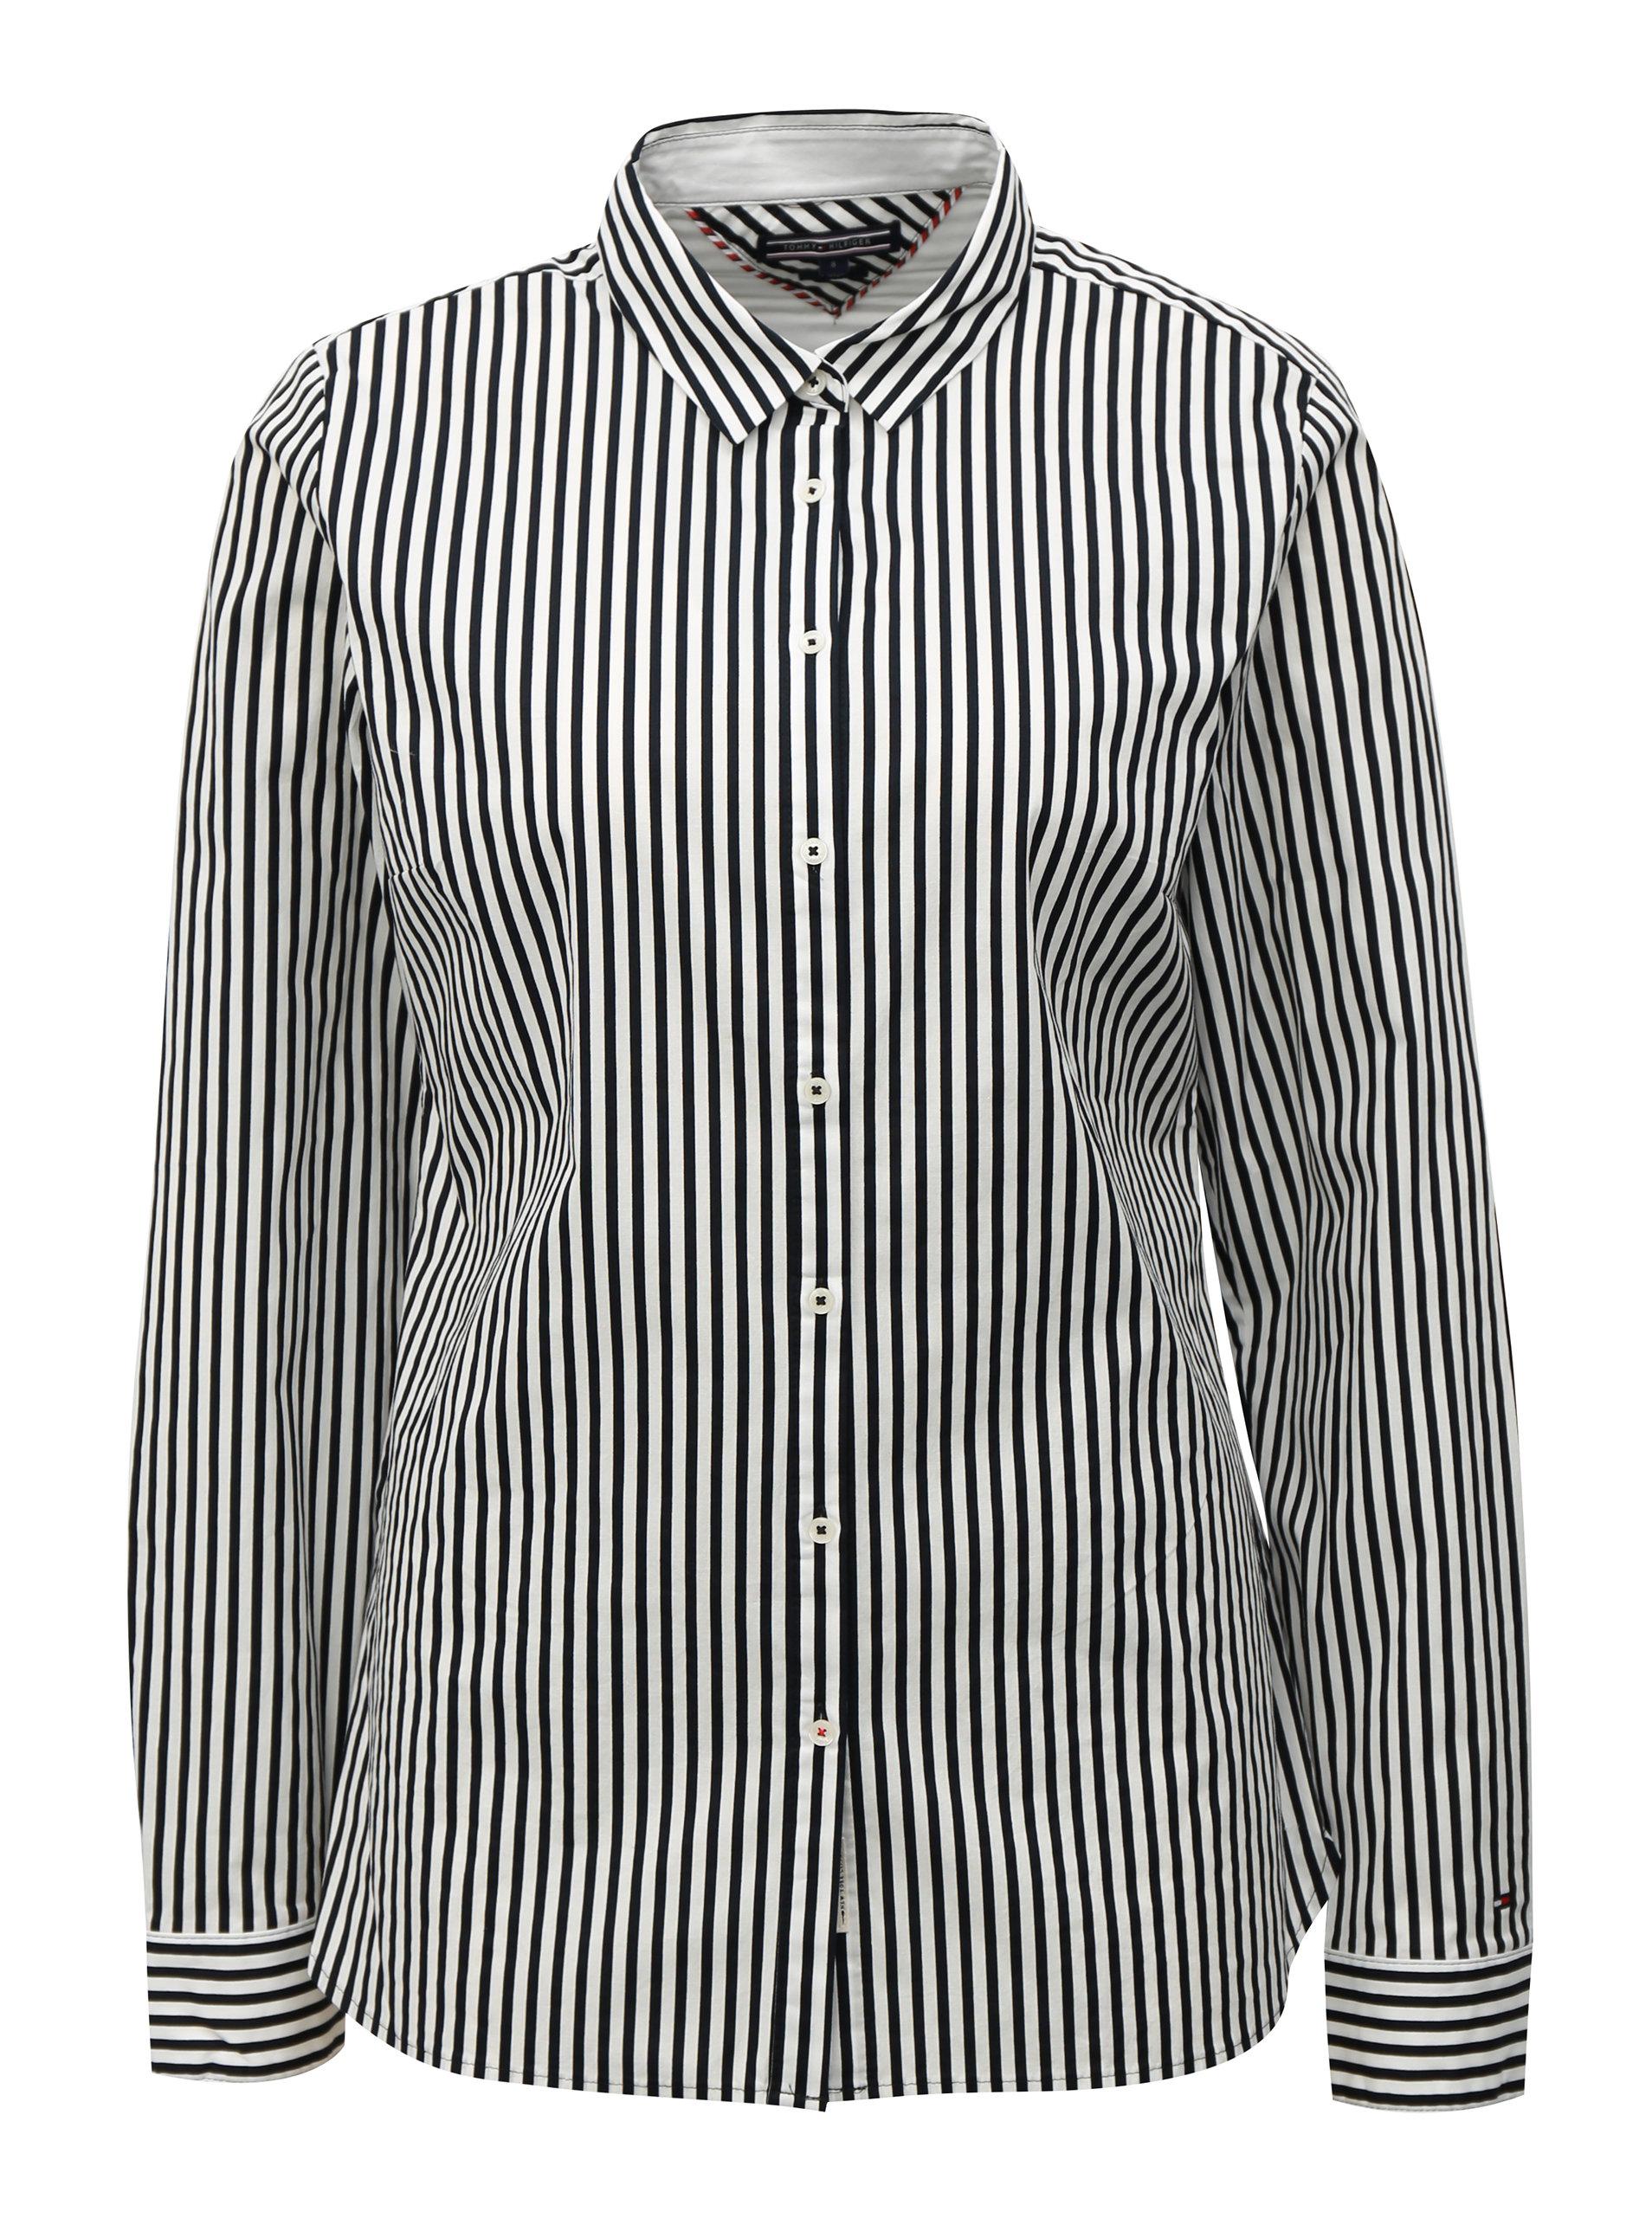 a42c2b288bdf Čierno-biela dámska pruhovaná košeľa Tommy Hilfiger ...